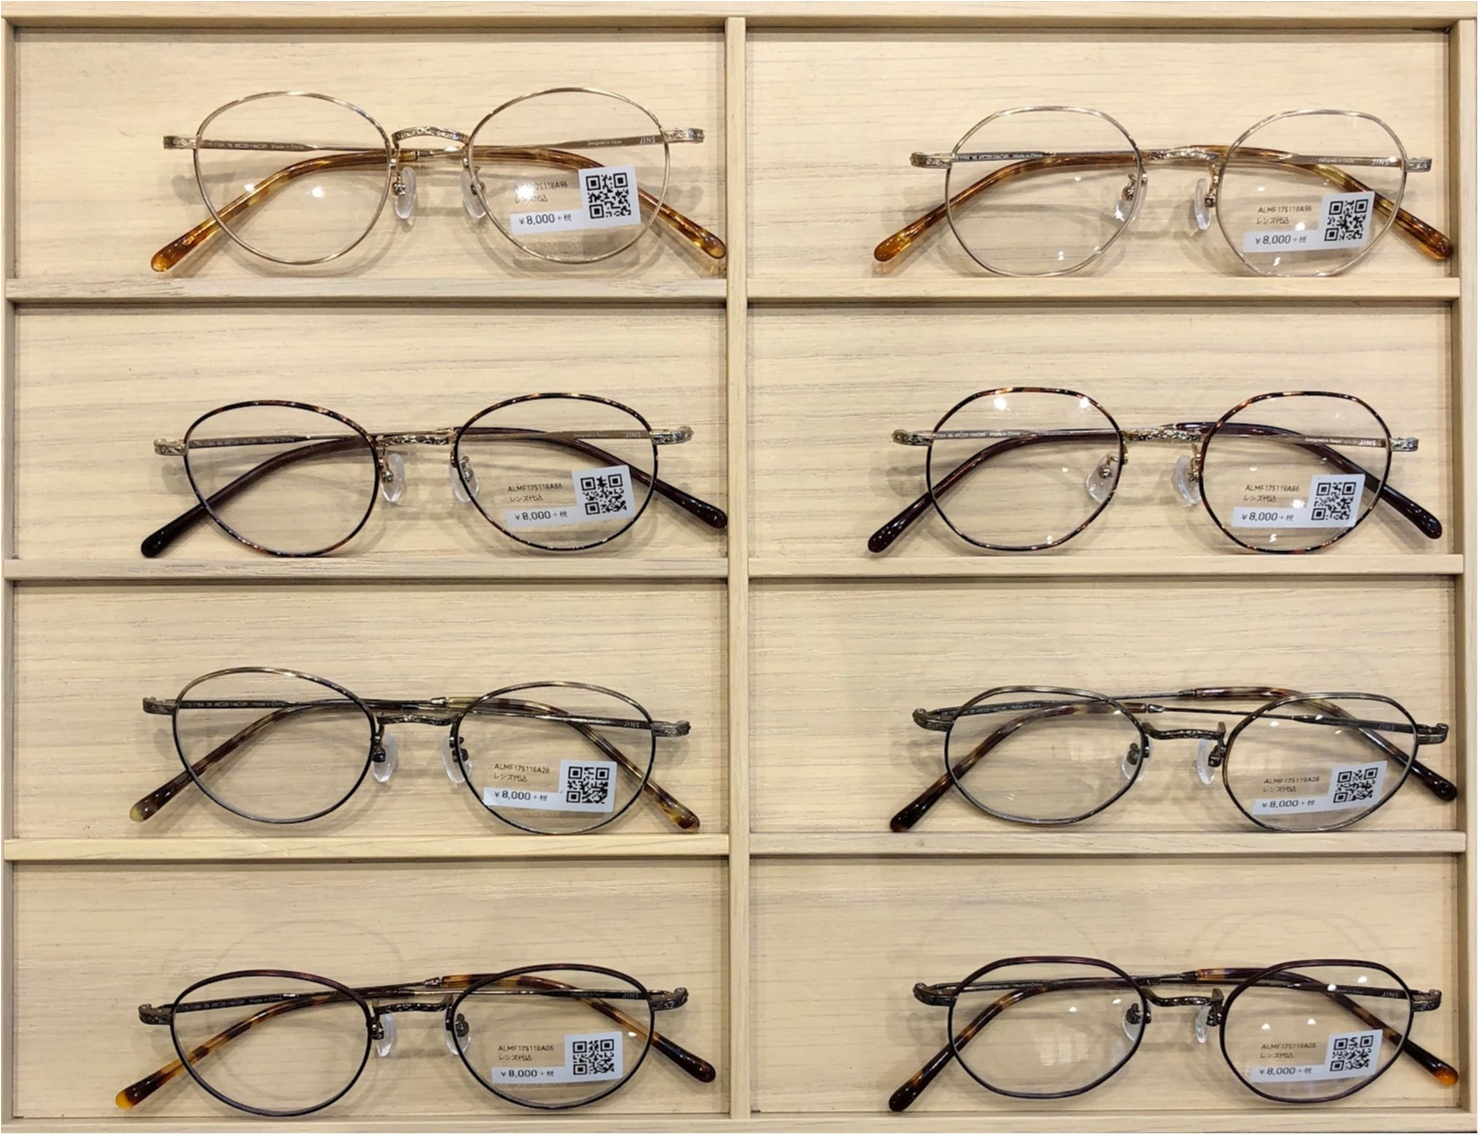 ライターみかりんが『JINS』でガチのメガネ選び! 自分にいちばん似合うメガネに出合った♡_3_3